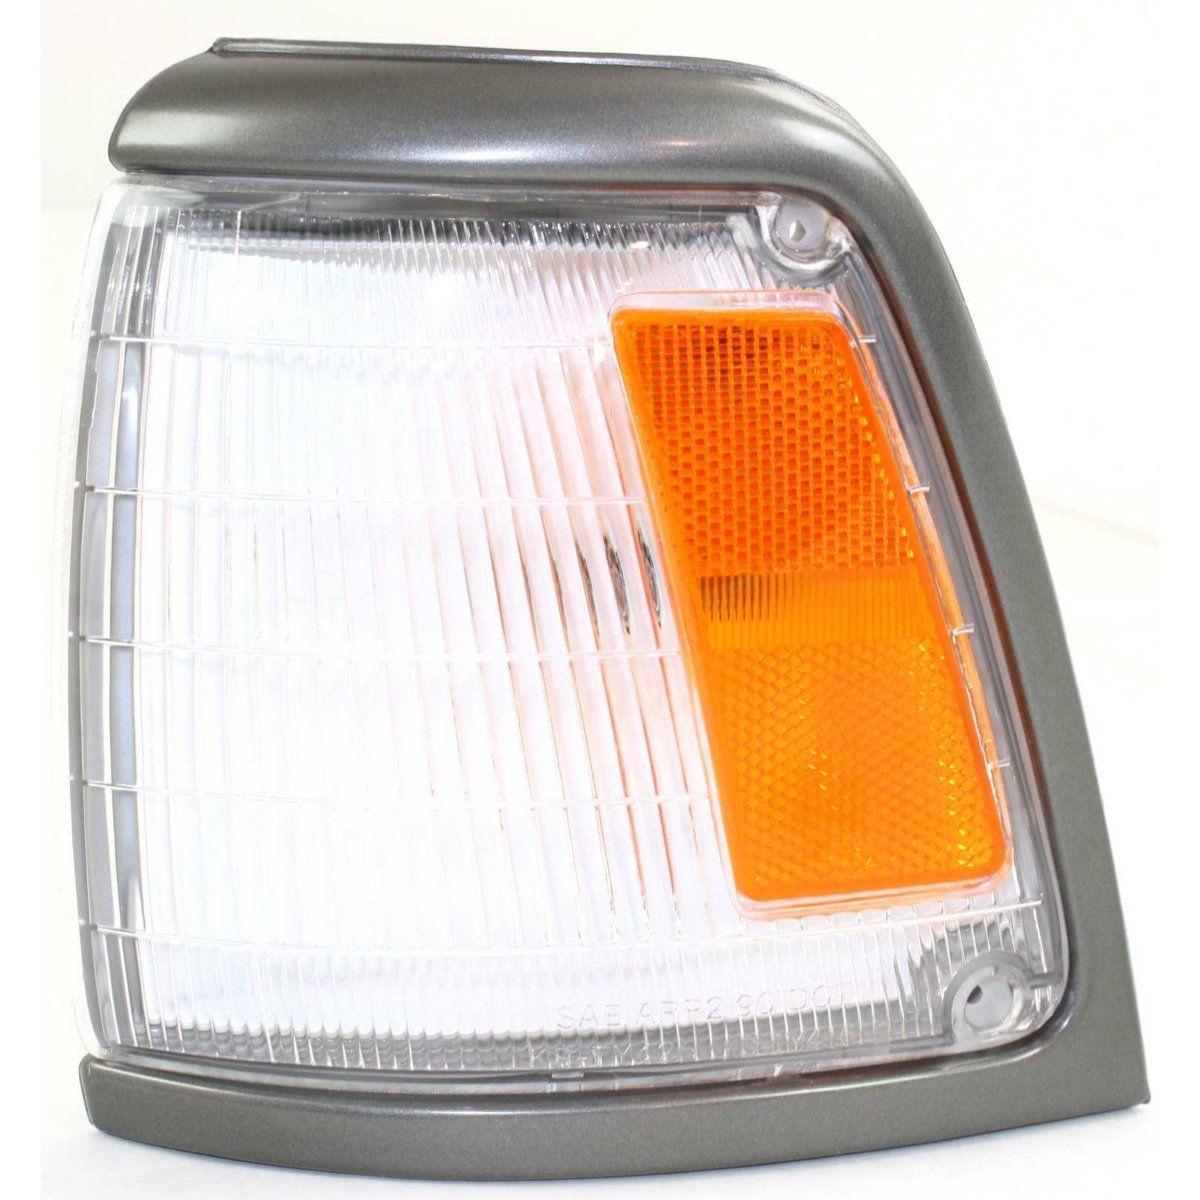 コーナーライト Corner Light For 92-95 Toyota Pickup w/ gray trim Driver Incandescent w/ Bulb コーナーライト92-95用トヨタピックアップ/グレートリムドライバー白熱電球付き